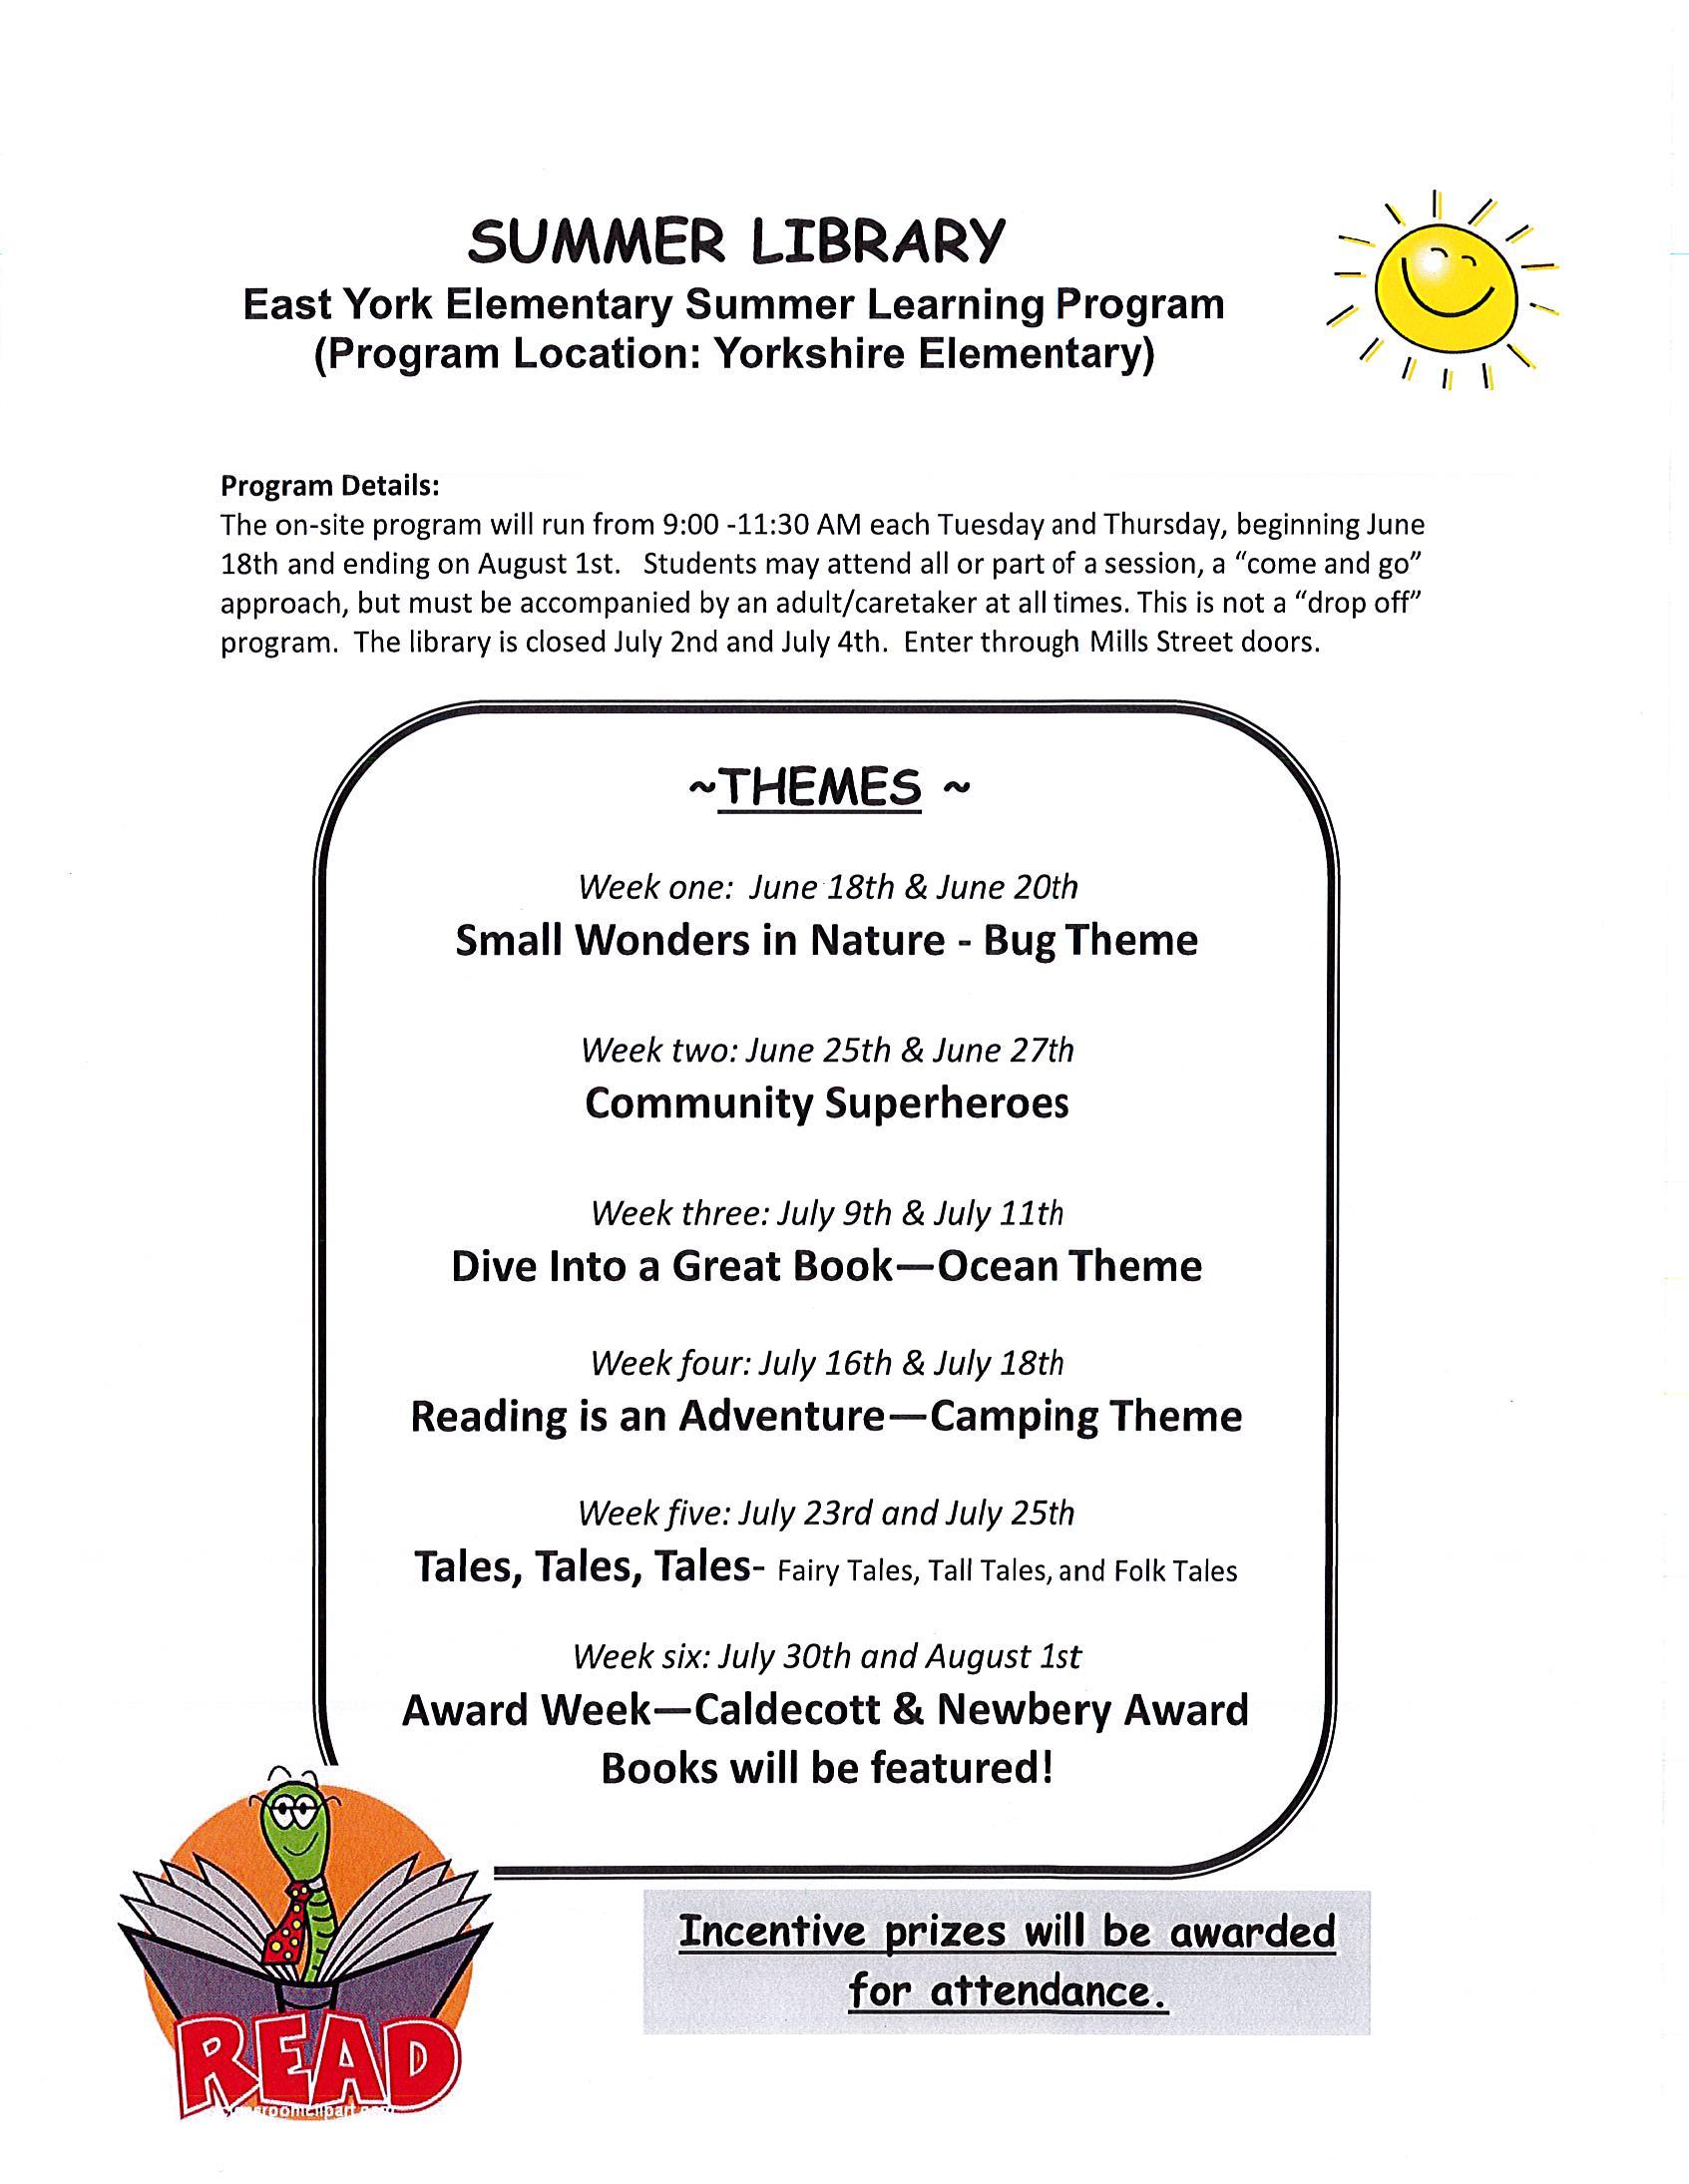 Summer Library Program Flyer